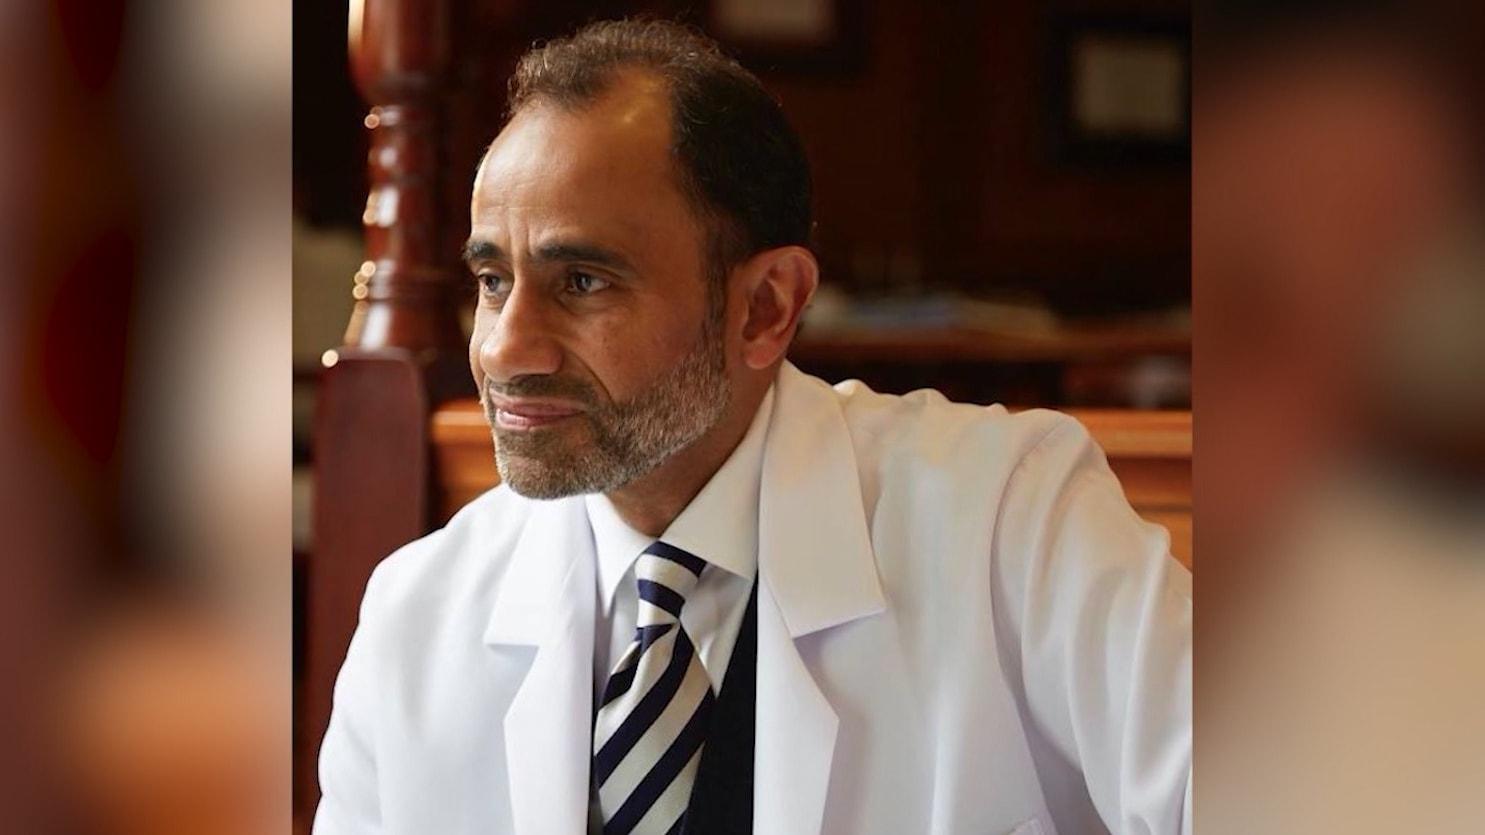 الطبيب المحتجز بالسعودية وليد فتيحي.. كل ما نعرفه عن اعتقاله حتى الآن